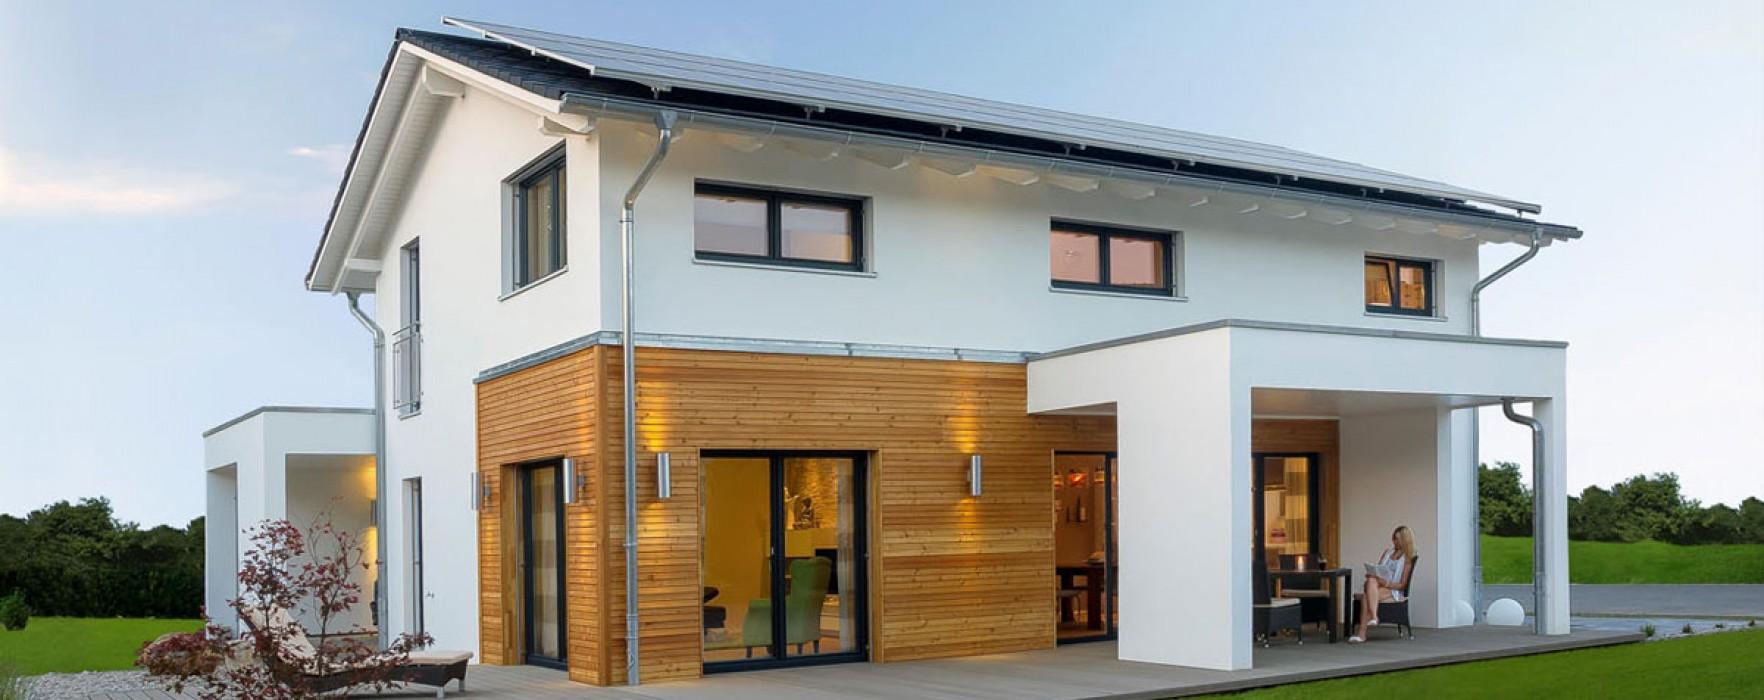 Colori esterni per case moderne esempio progetto - Colori per esterni case ...